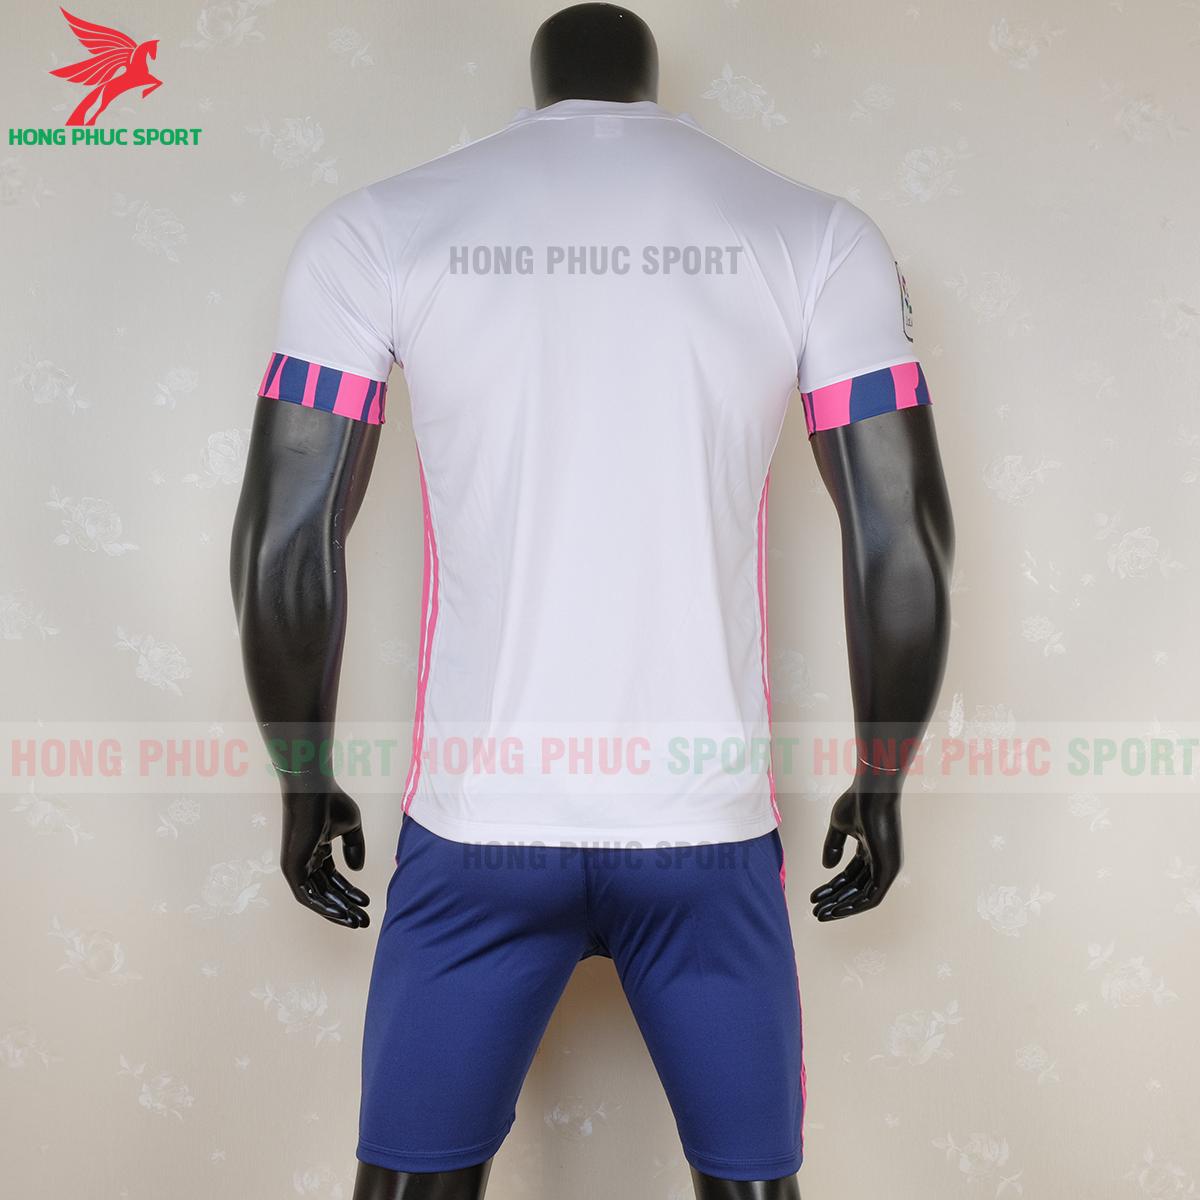 https://cdn.hongphucsport.com/unsafe/s4.shopbay.vn/files/285/ao-bong-da-real-madrid-2020-2021-san-nha-mau-2-2-5f6c5d3996b05.png